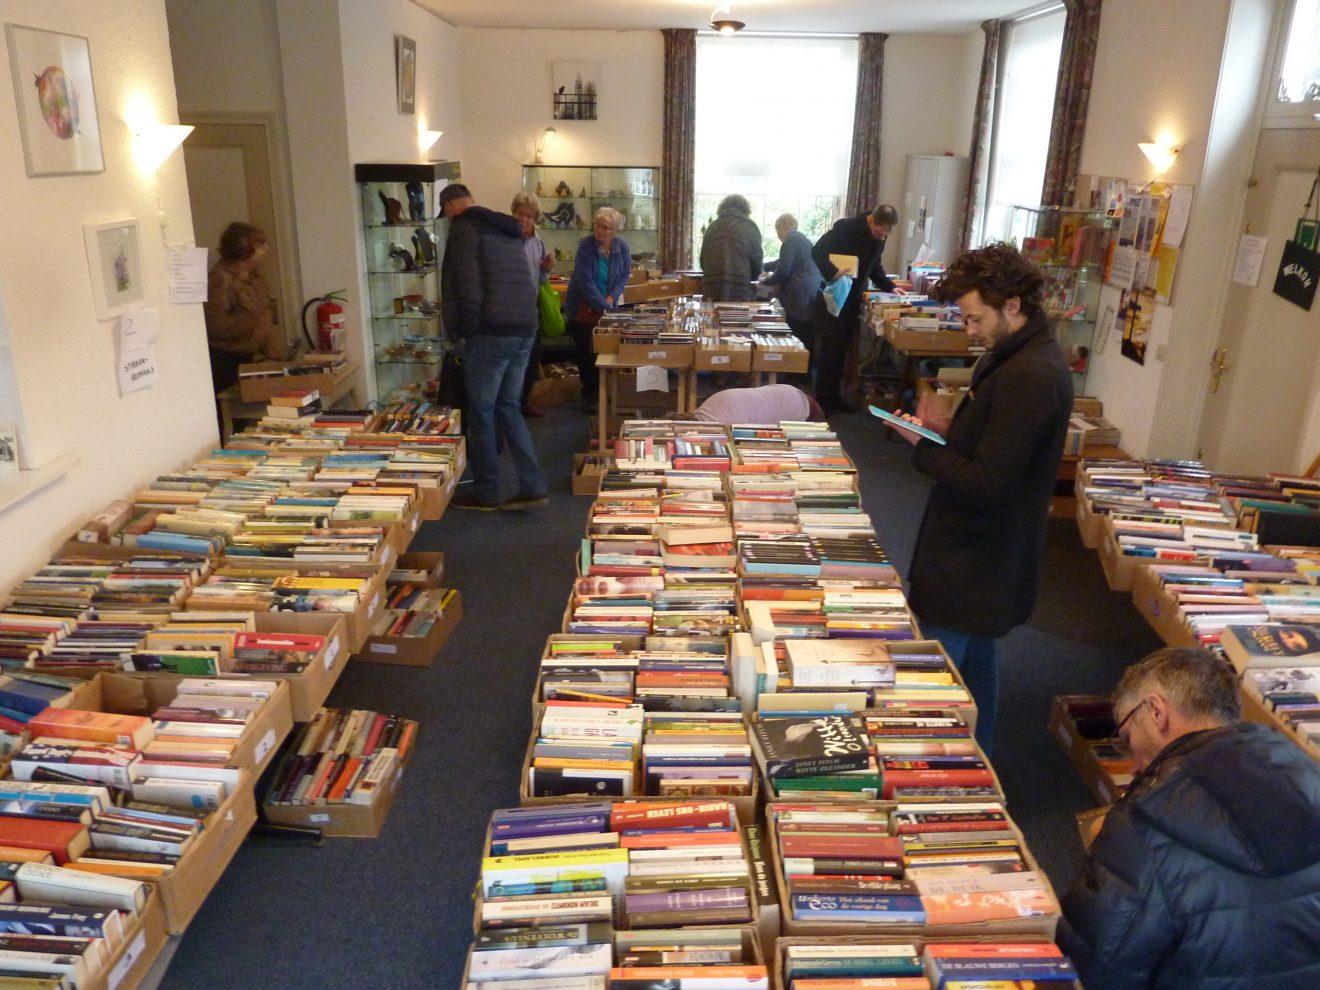 Boekenmarkt in De Ontmoeting